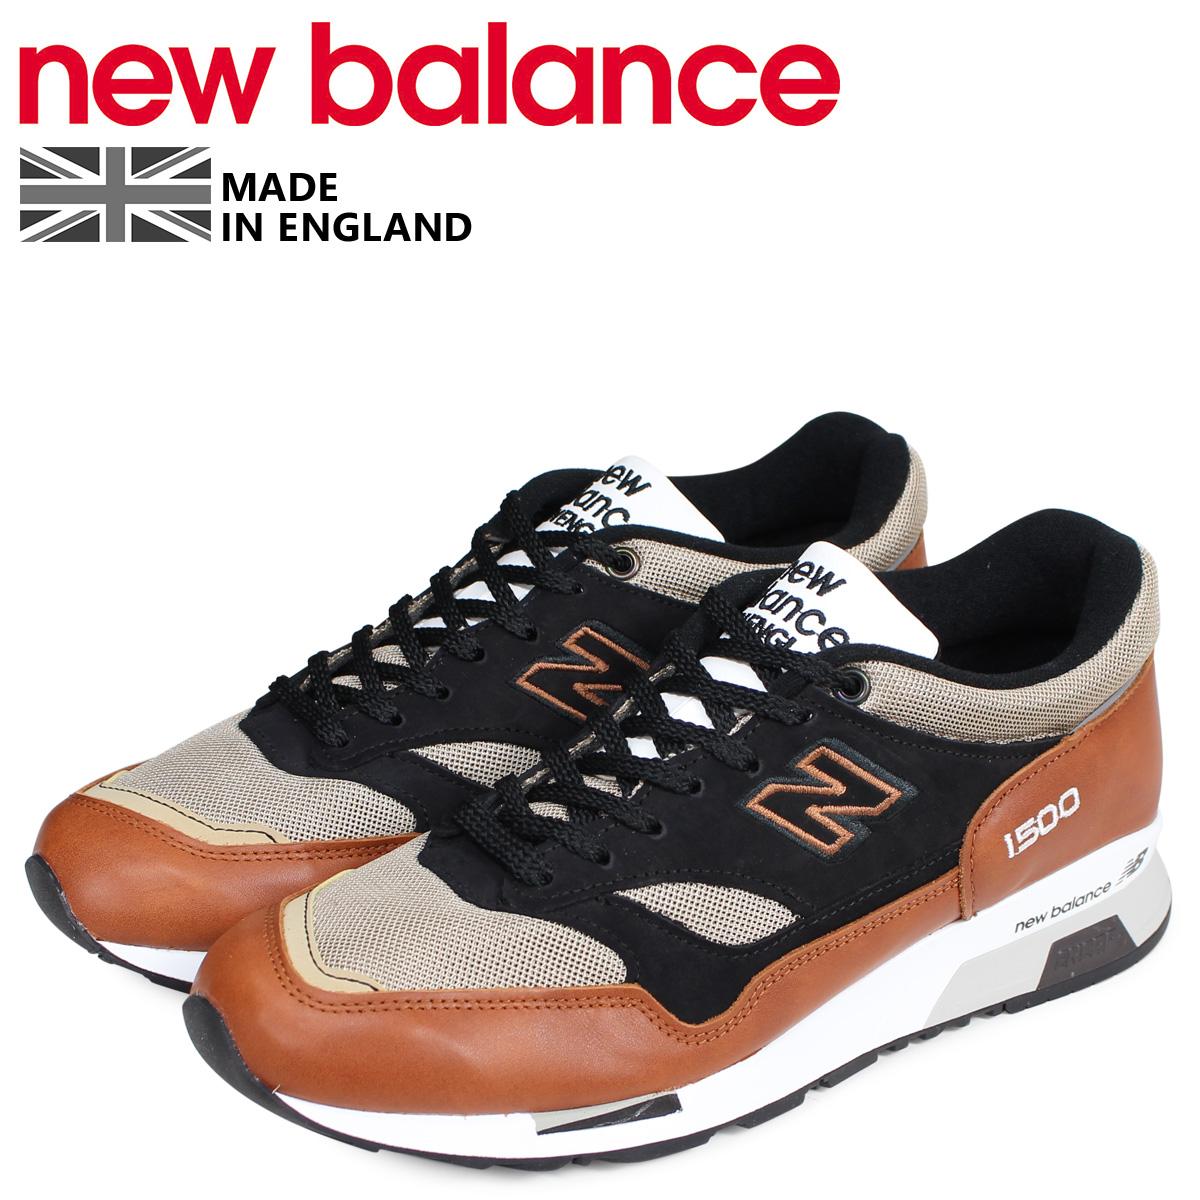 new balance ニューバランス 1500 スニーカー メンズ Dワイズ MADE IN UK ブラウン M1500TBT [3/11 新入荷]